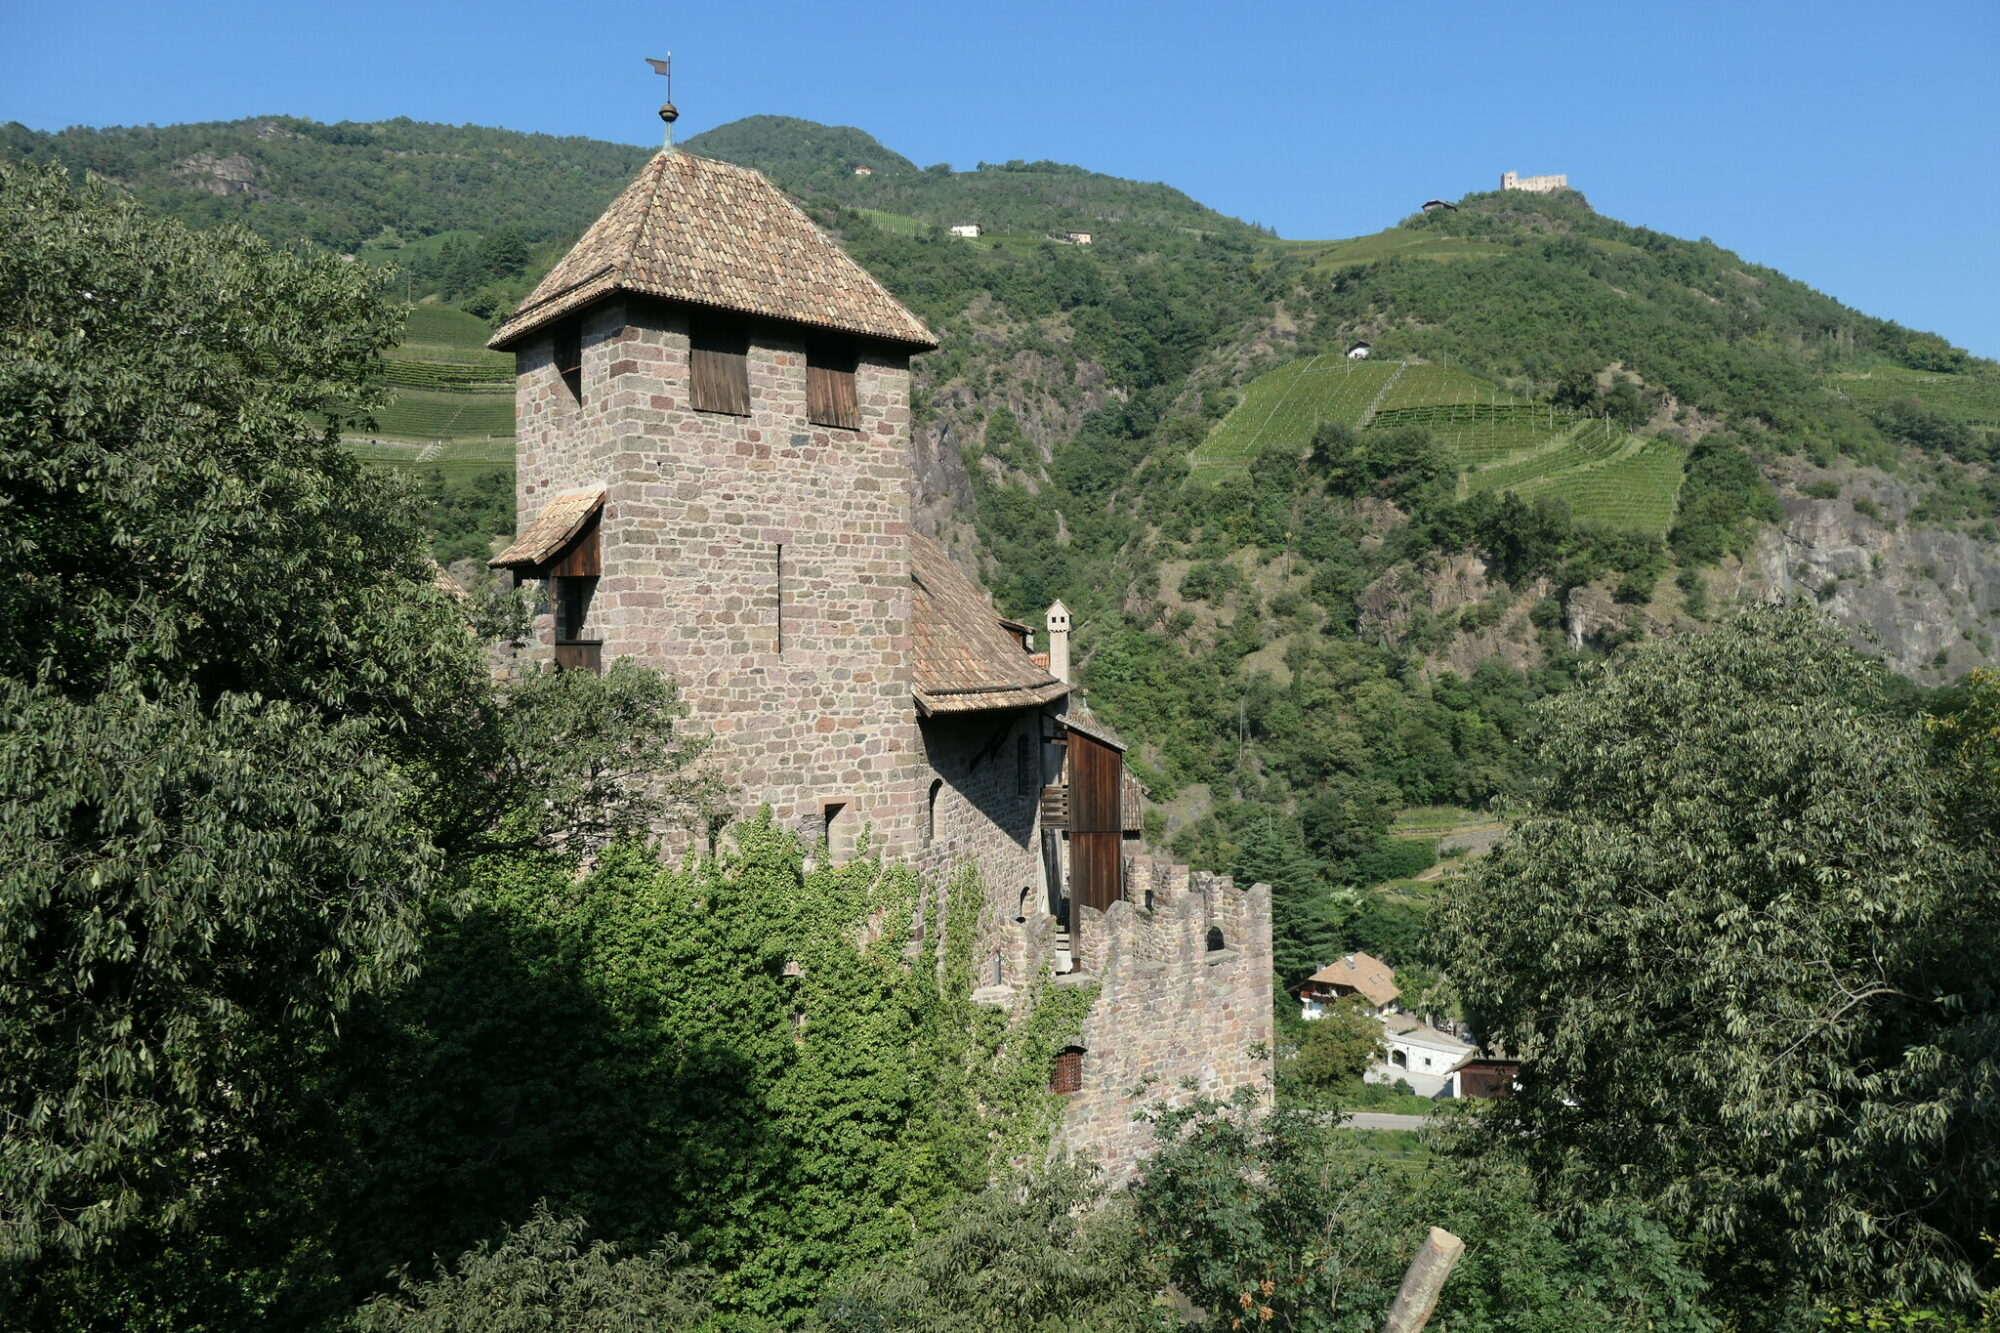 Burg Runkelstein